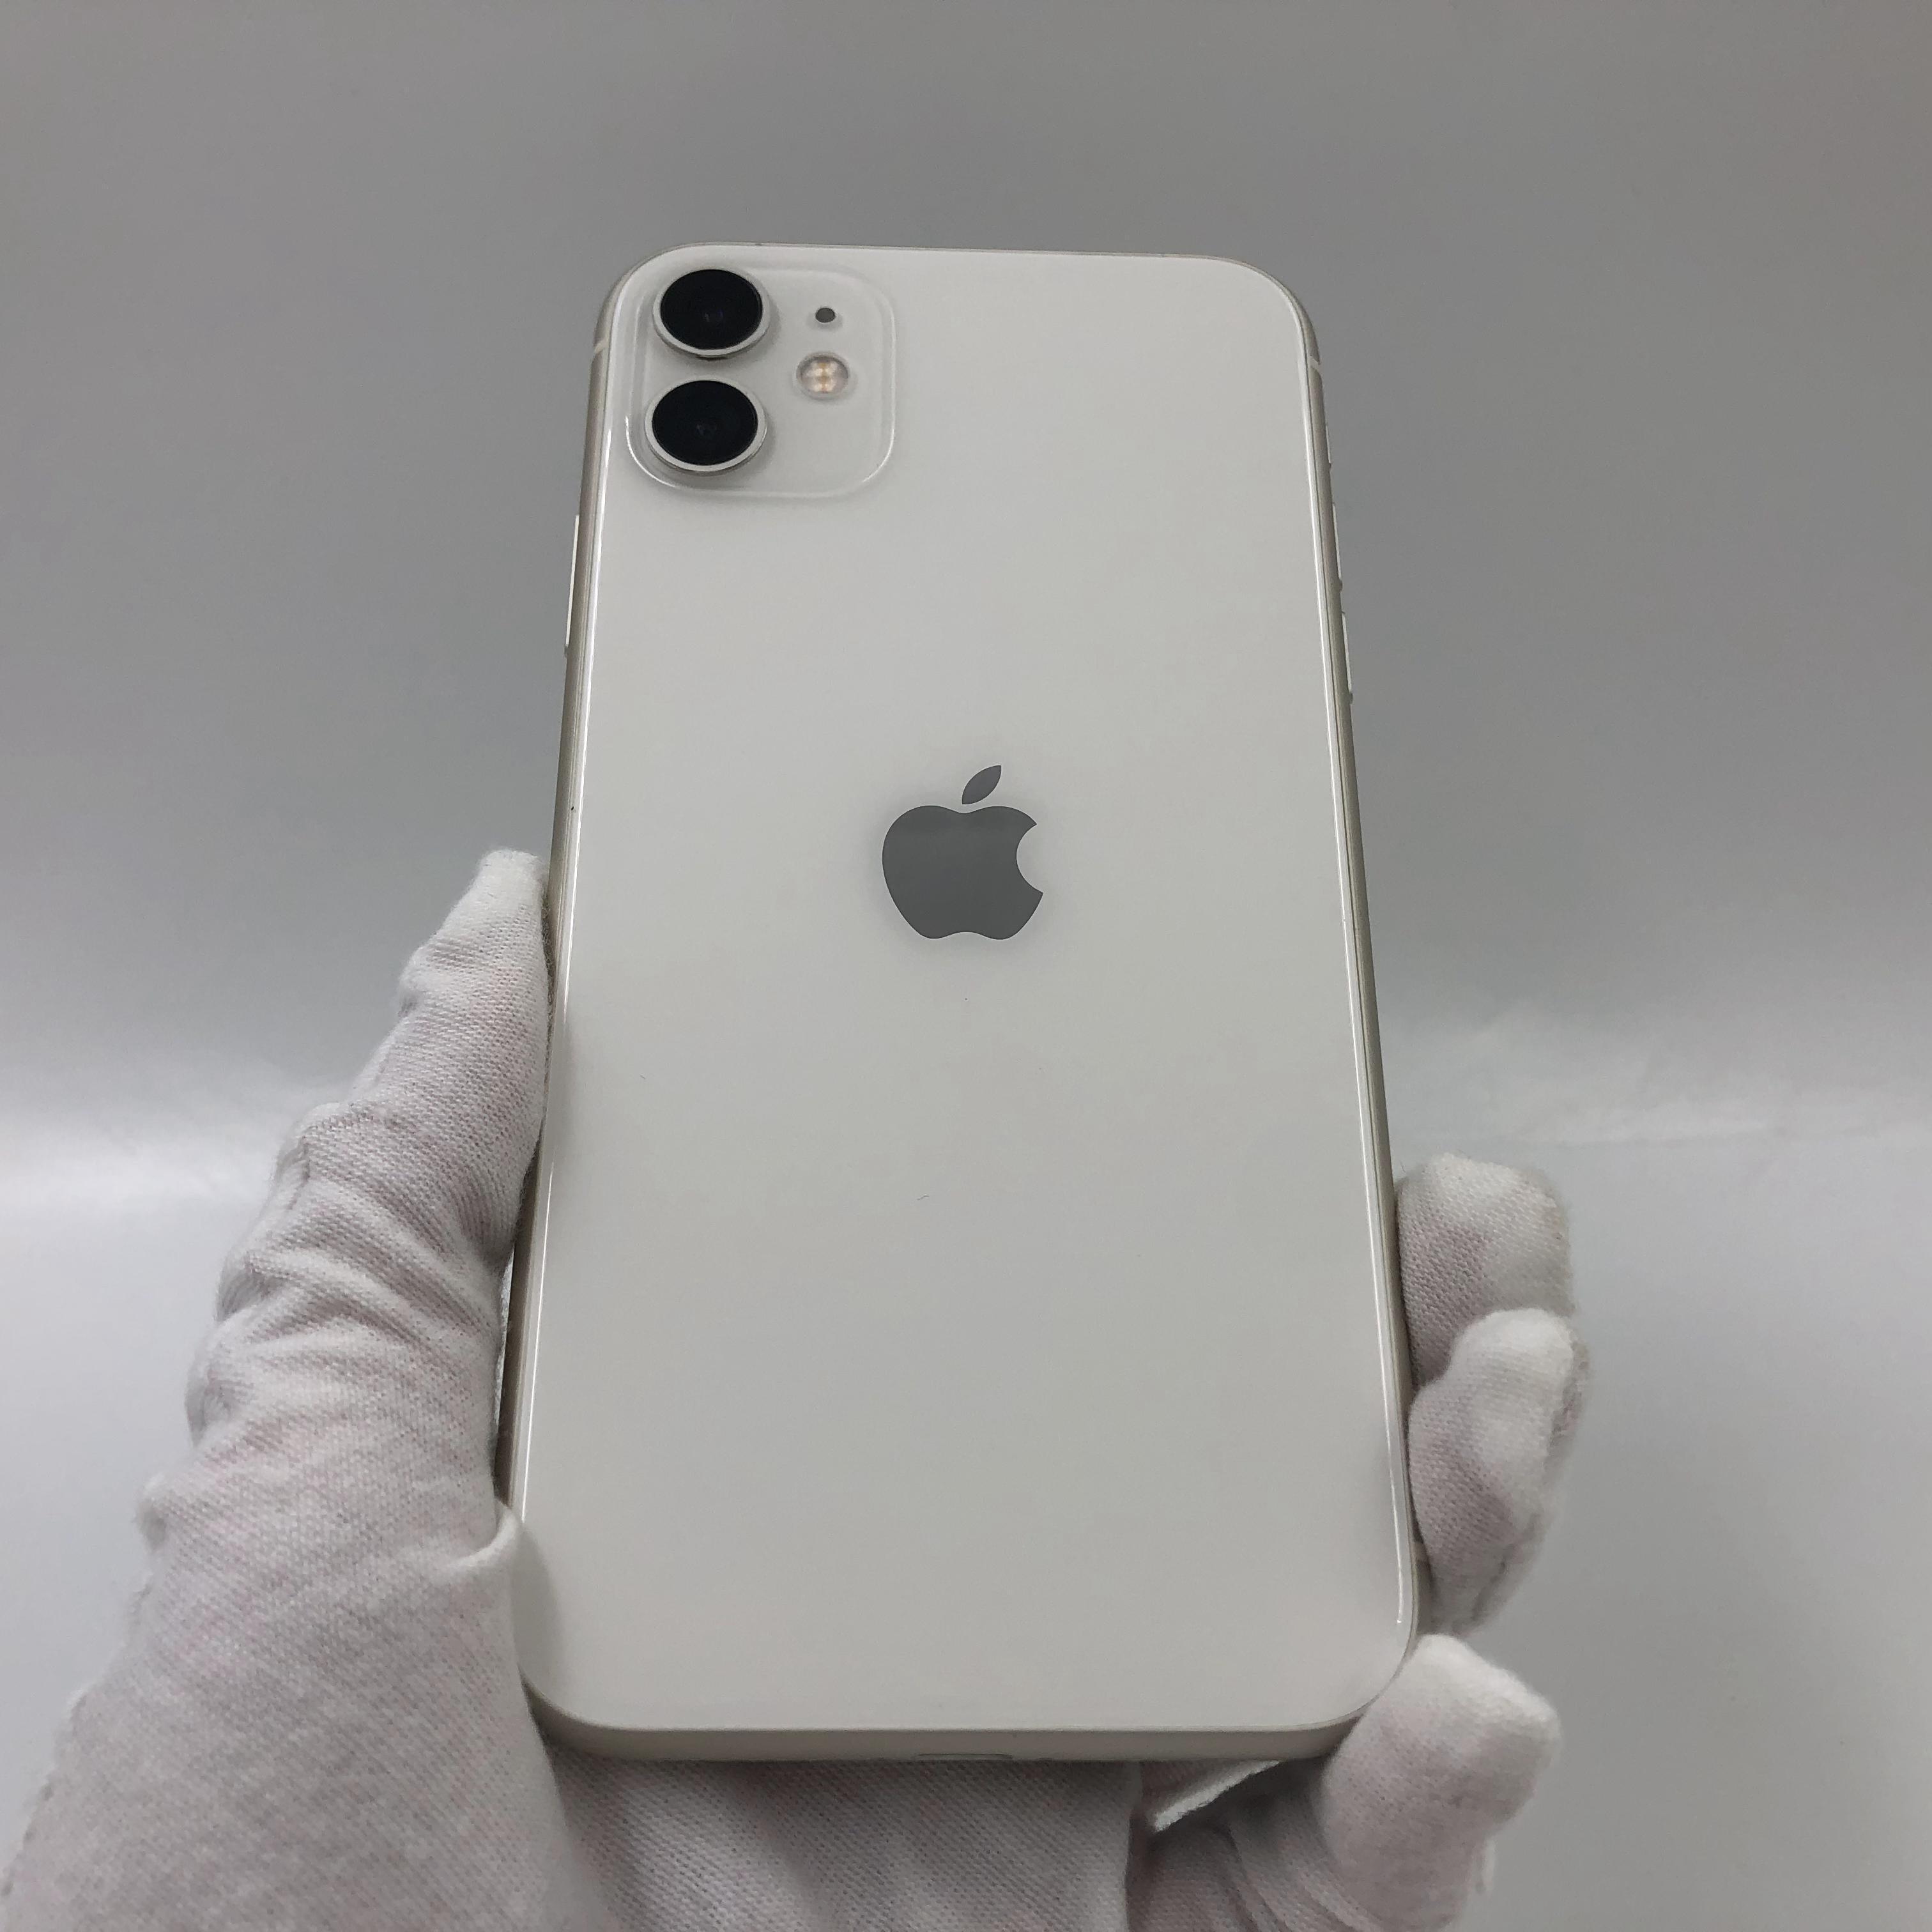 苹果【iPhone 11】4G全网通 白色 64G 国行 95新 真机实拍官保2022-02-09